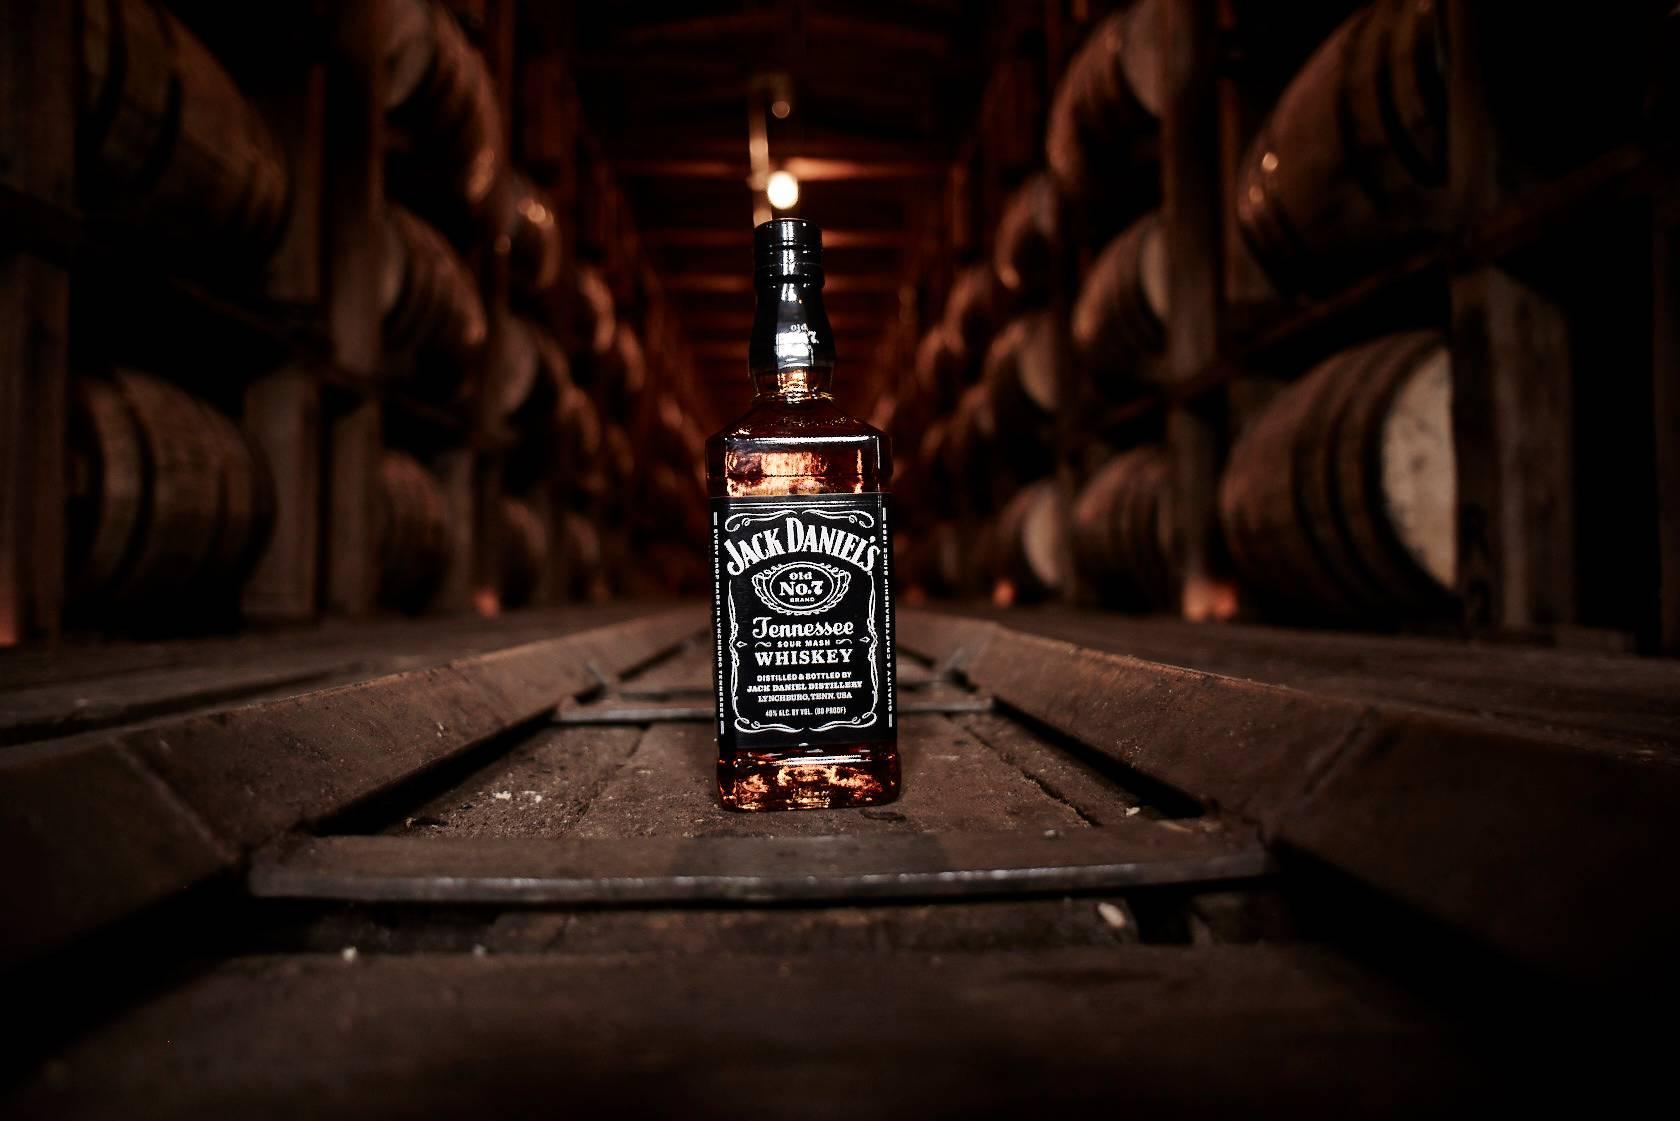 O tempo de descanso do whiskey nos barris depende das variações climáticas. Foto: Divulgação/Jack Daniel's